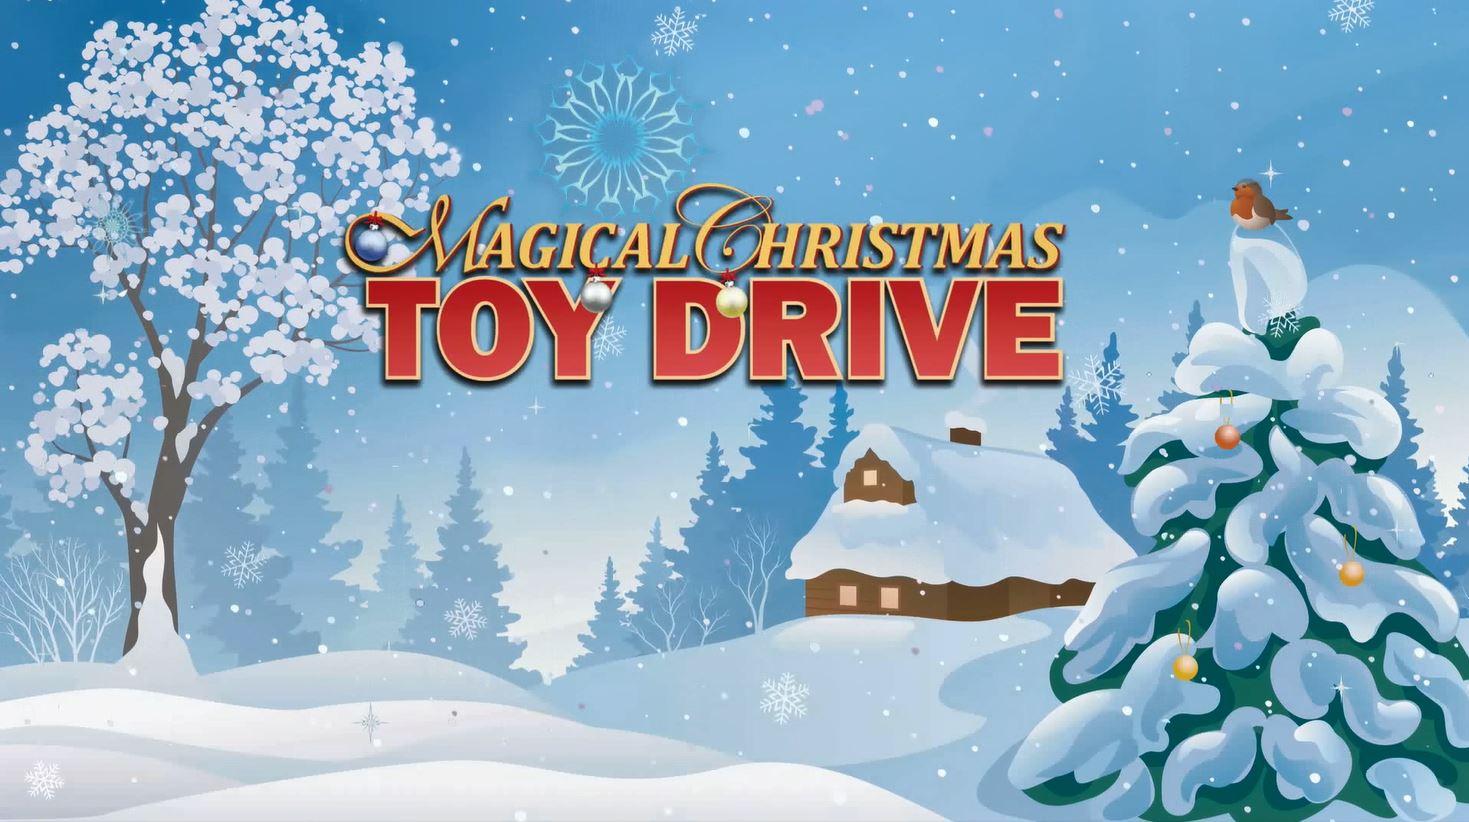 WKRG | Magical Christmas Toy Drive